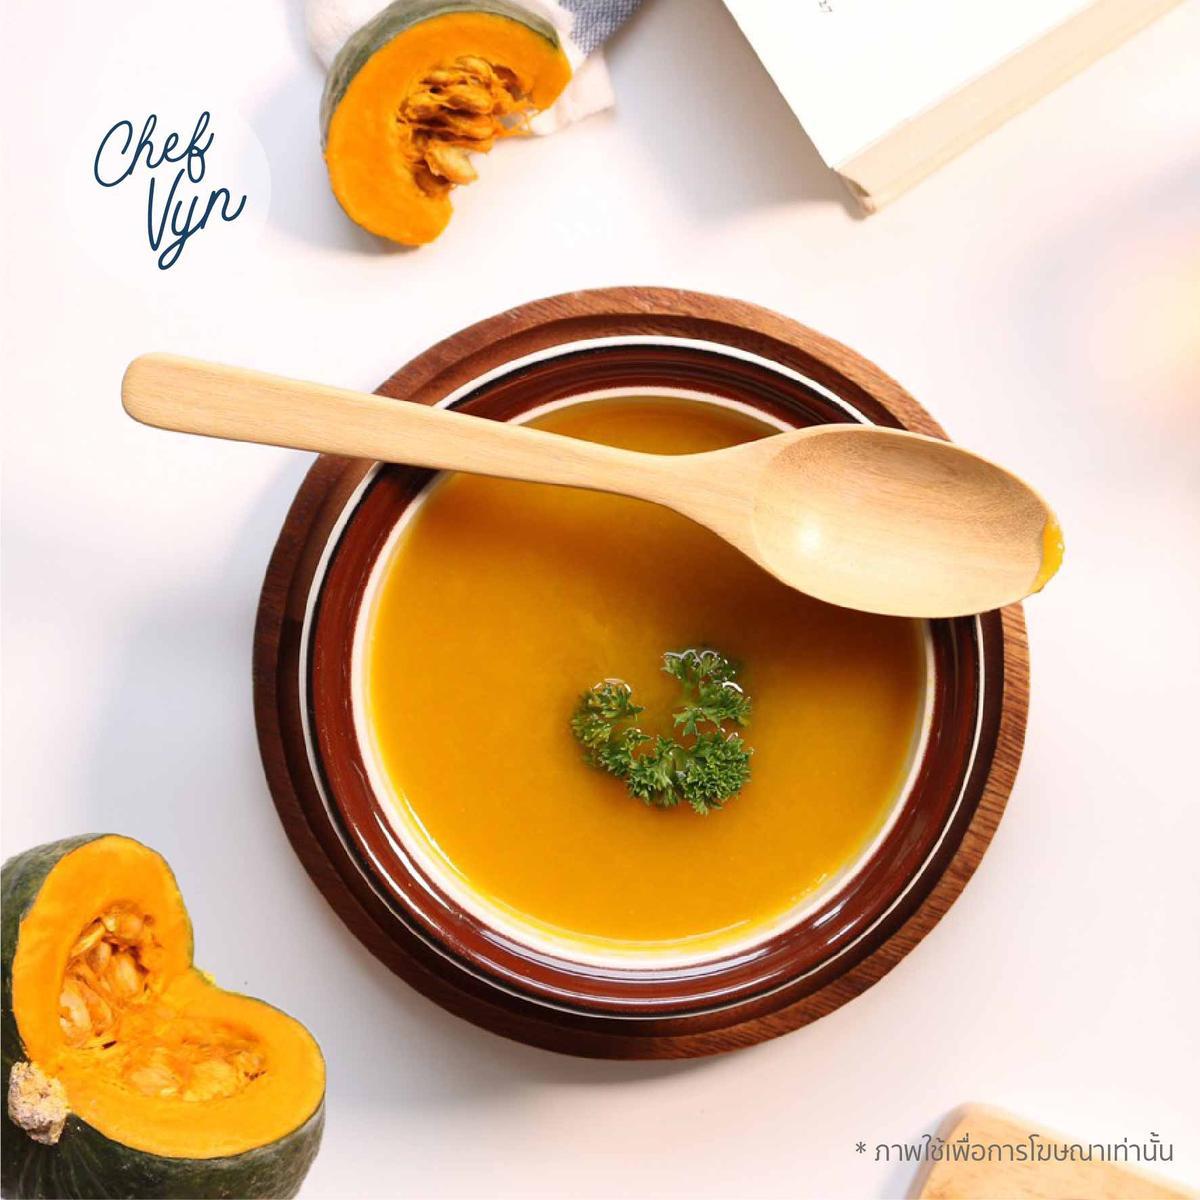 ซุปเพื่อสุขภาพ Healthy Soup_ซุปฟักทอง